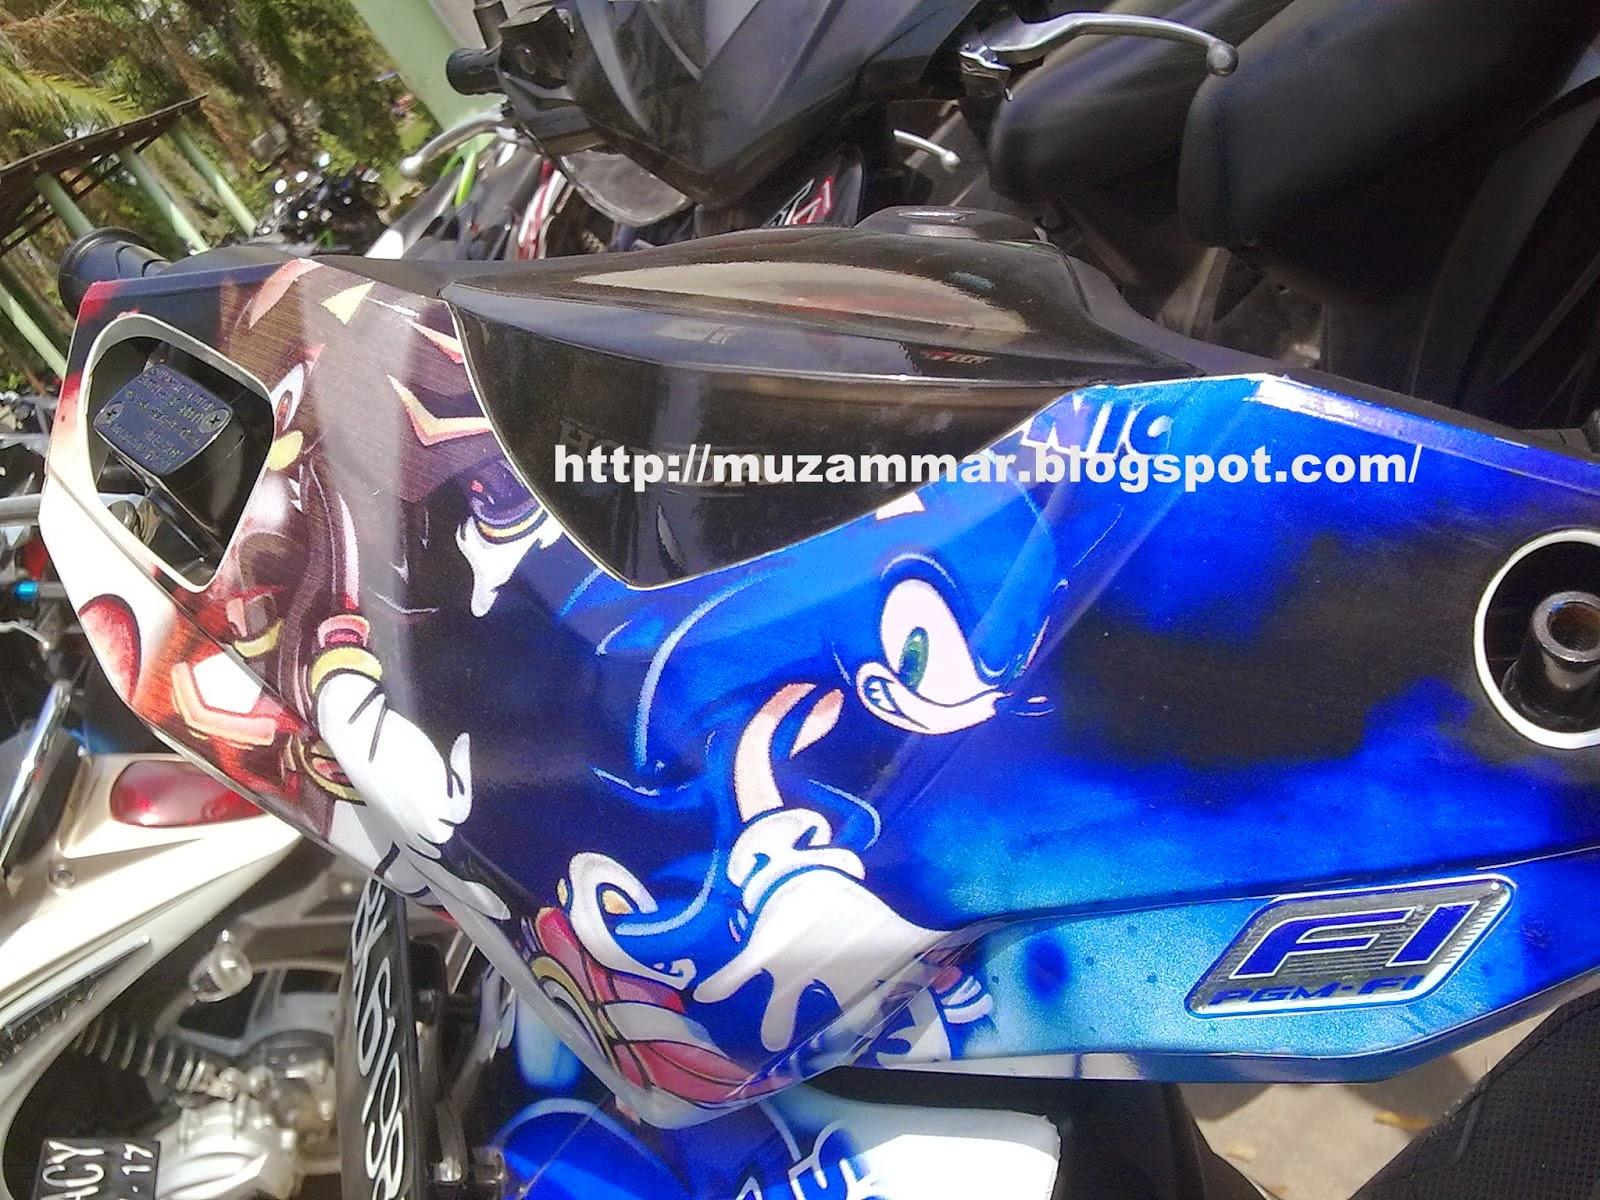 Modifikasi Motor Honda Beat Pgm Fi Wallpaper Modifikasi Motor